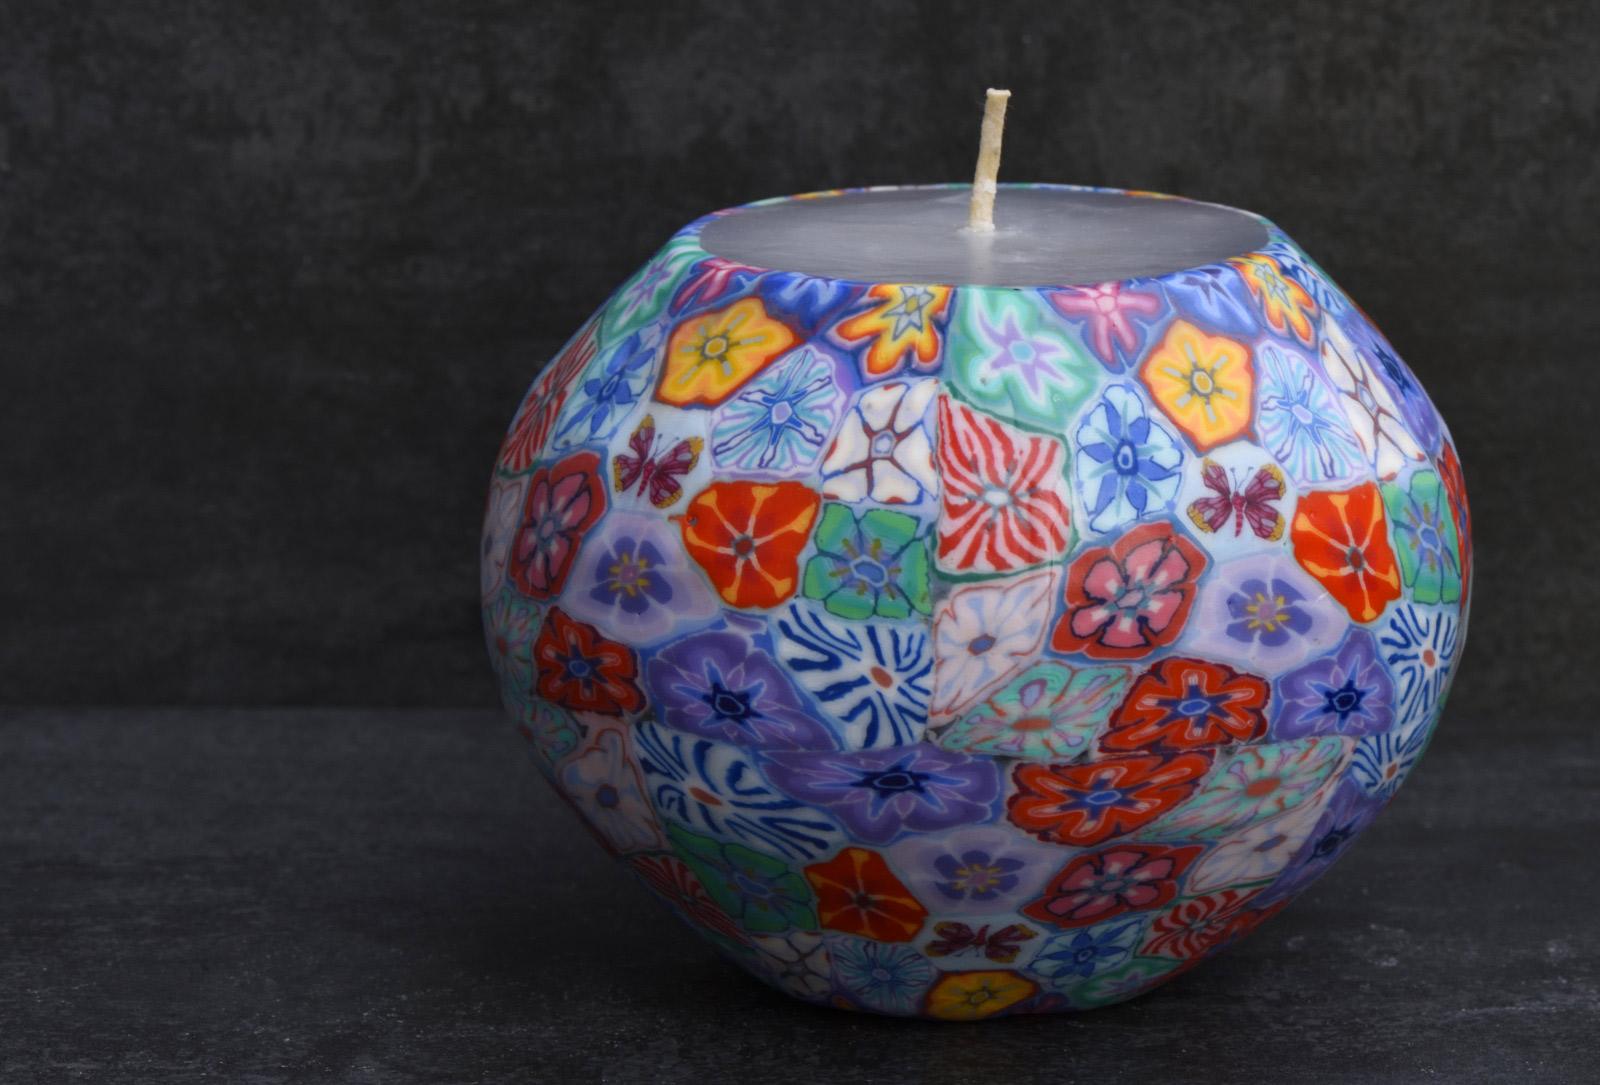 Kerze Modell Millefiori GBP, Farbe: multi, Form: Pot. Handgemachte Designkerze. Kerzen online kaufen